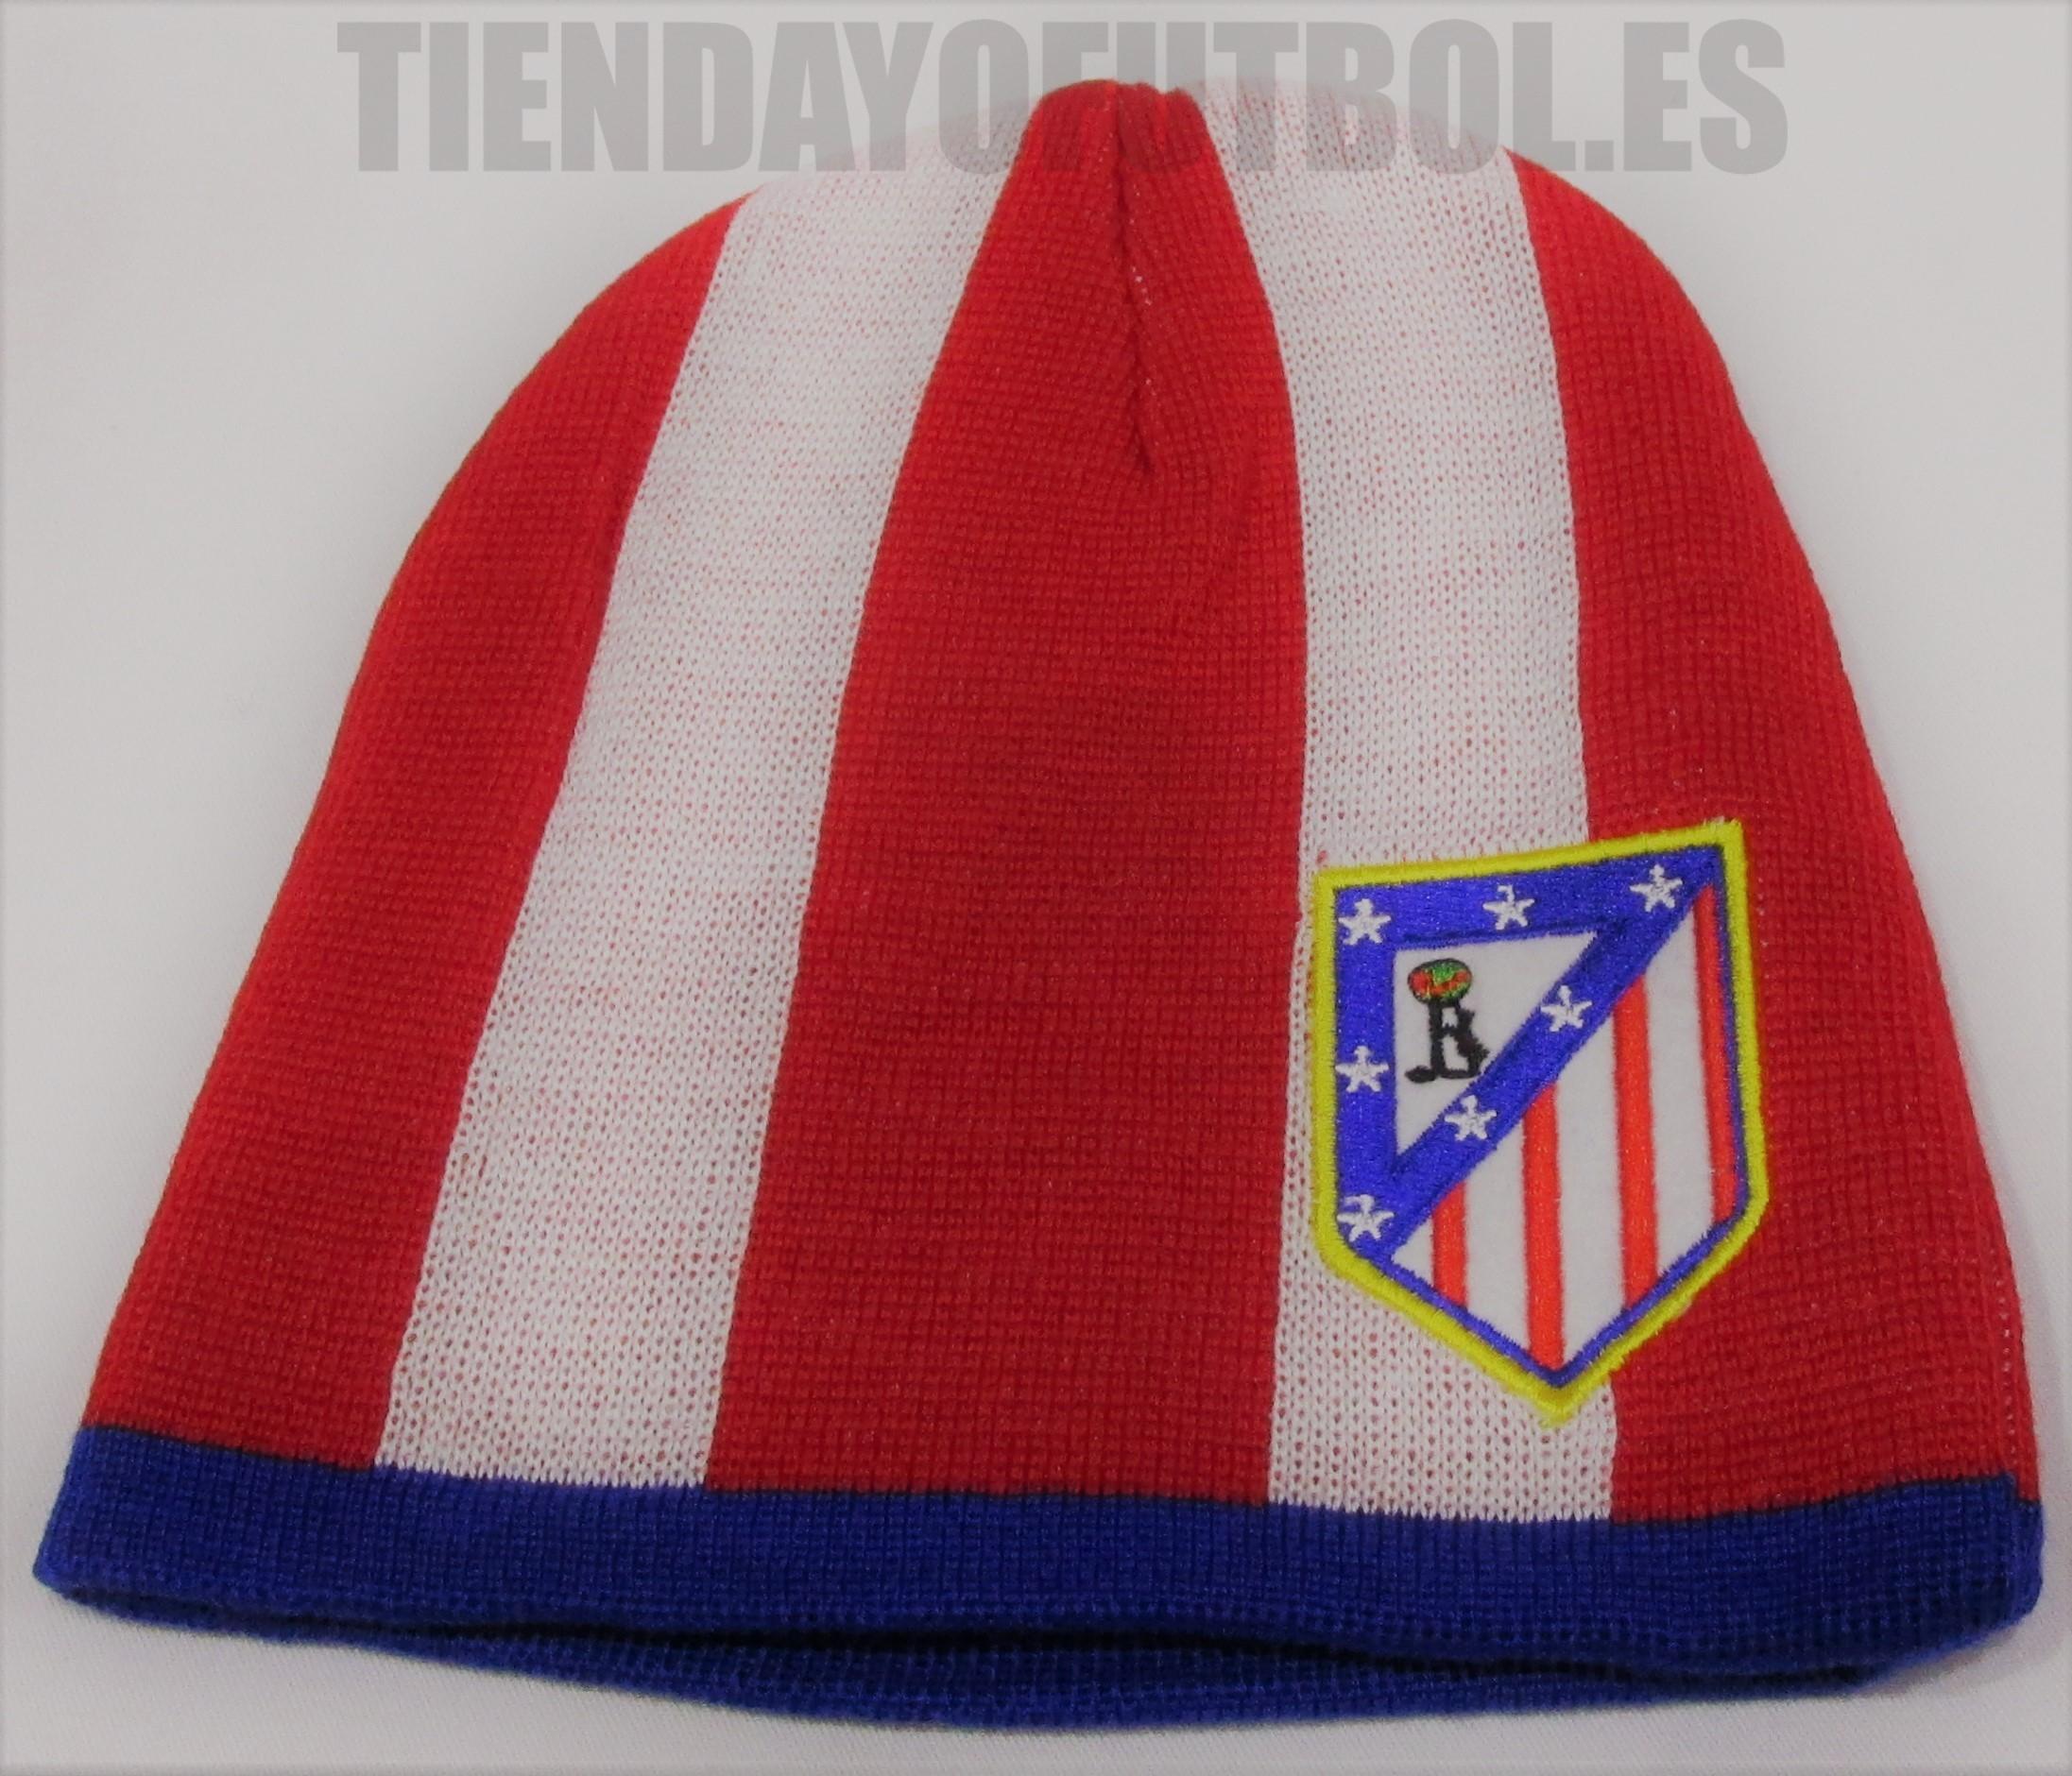 Atlético de Madrid gorro rojo-blanco  b2684e8f000